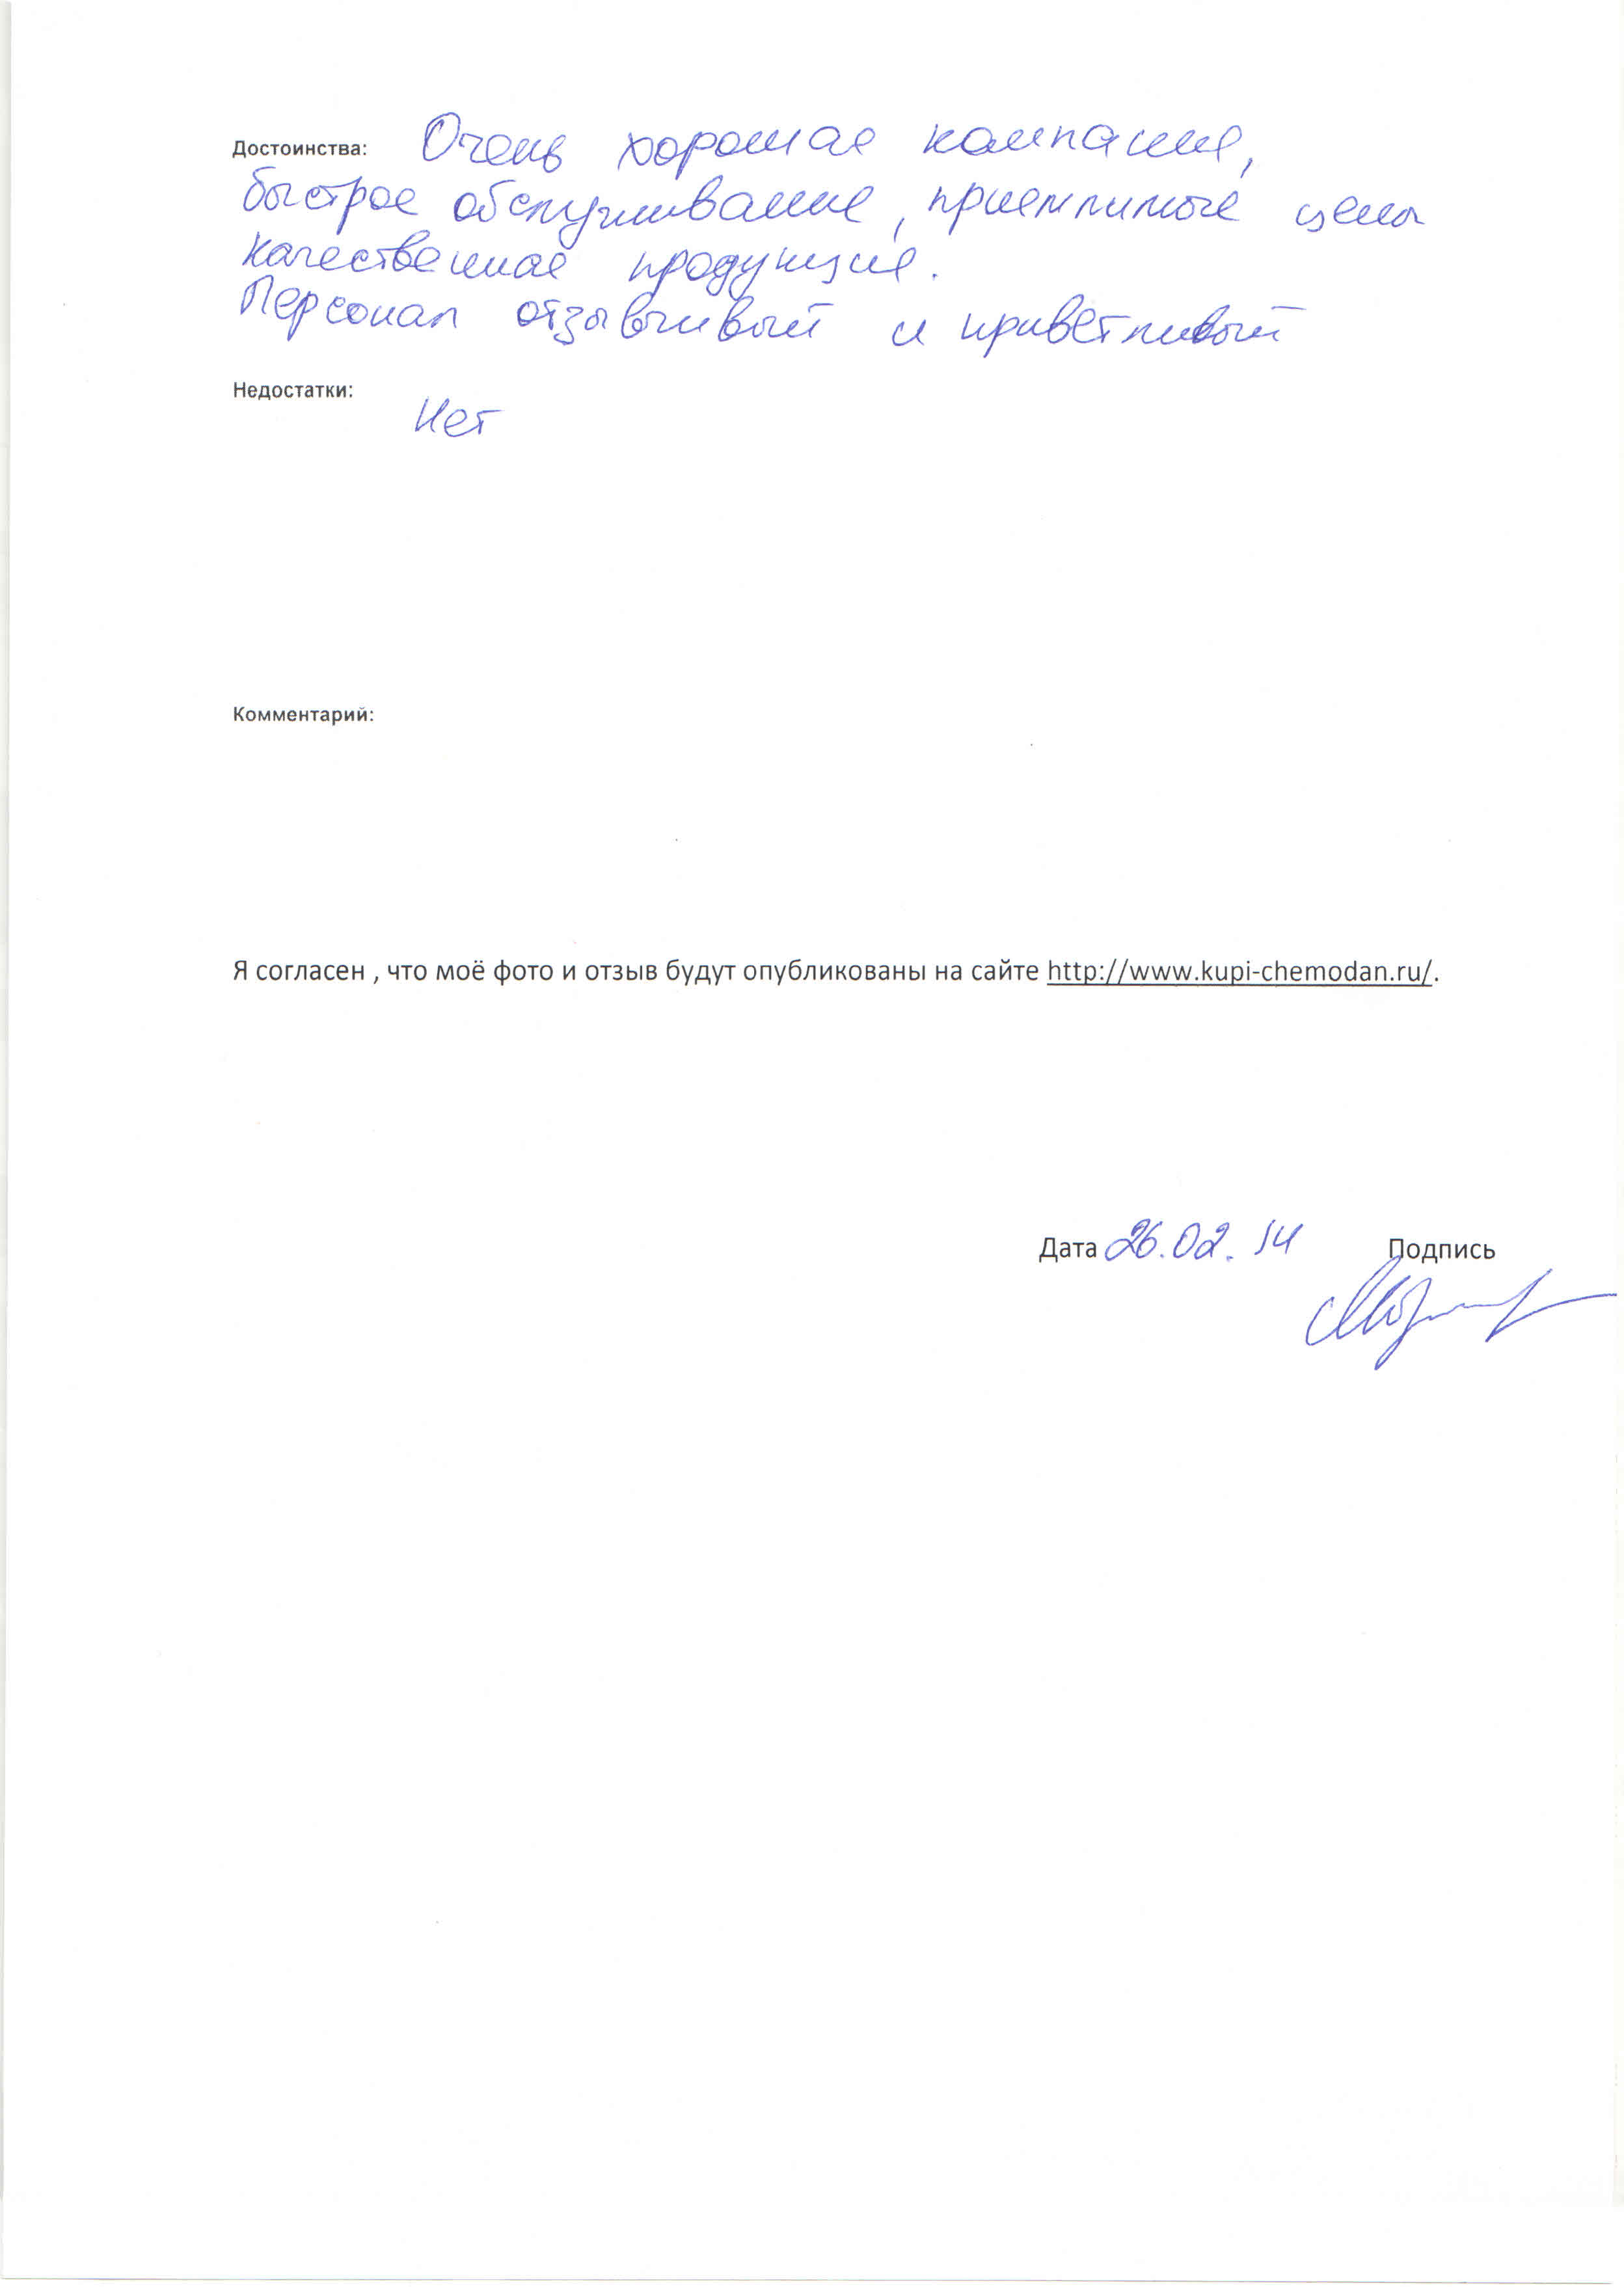 Отзыв клиента Мозжухина А.